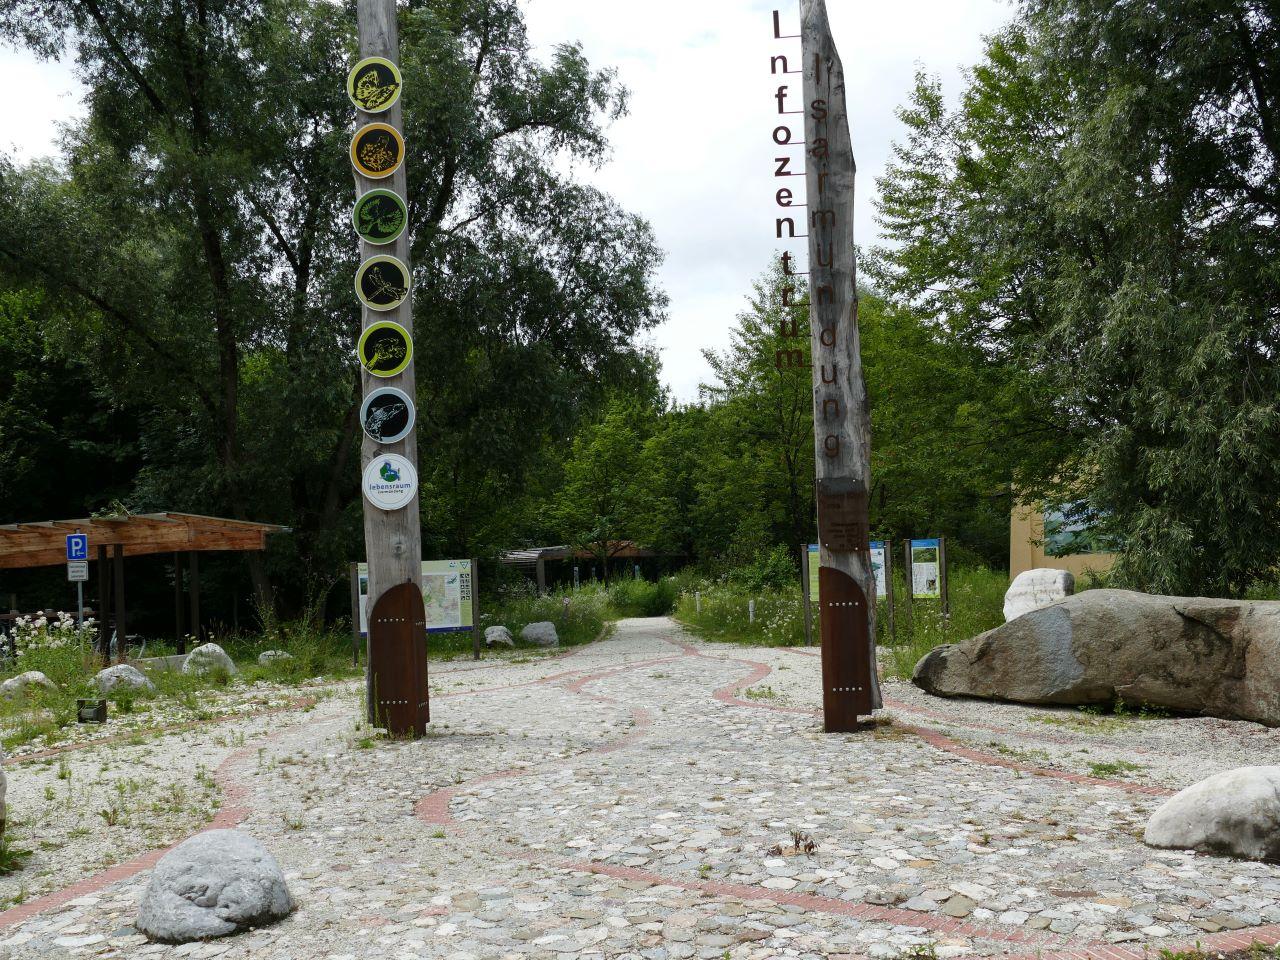 Der Eingang zum Infozentrum Isarmündung